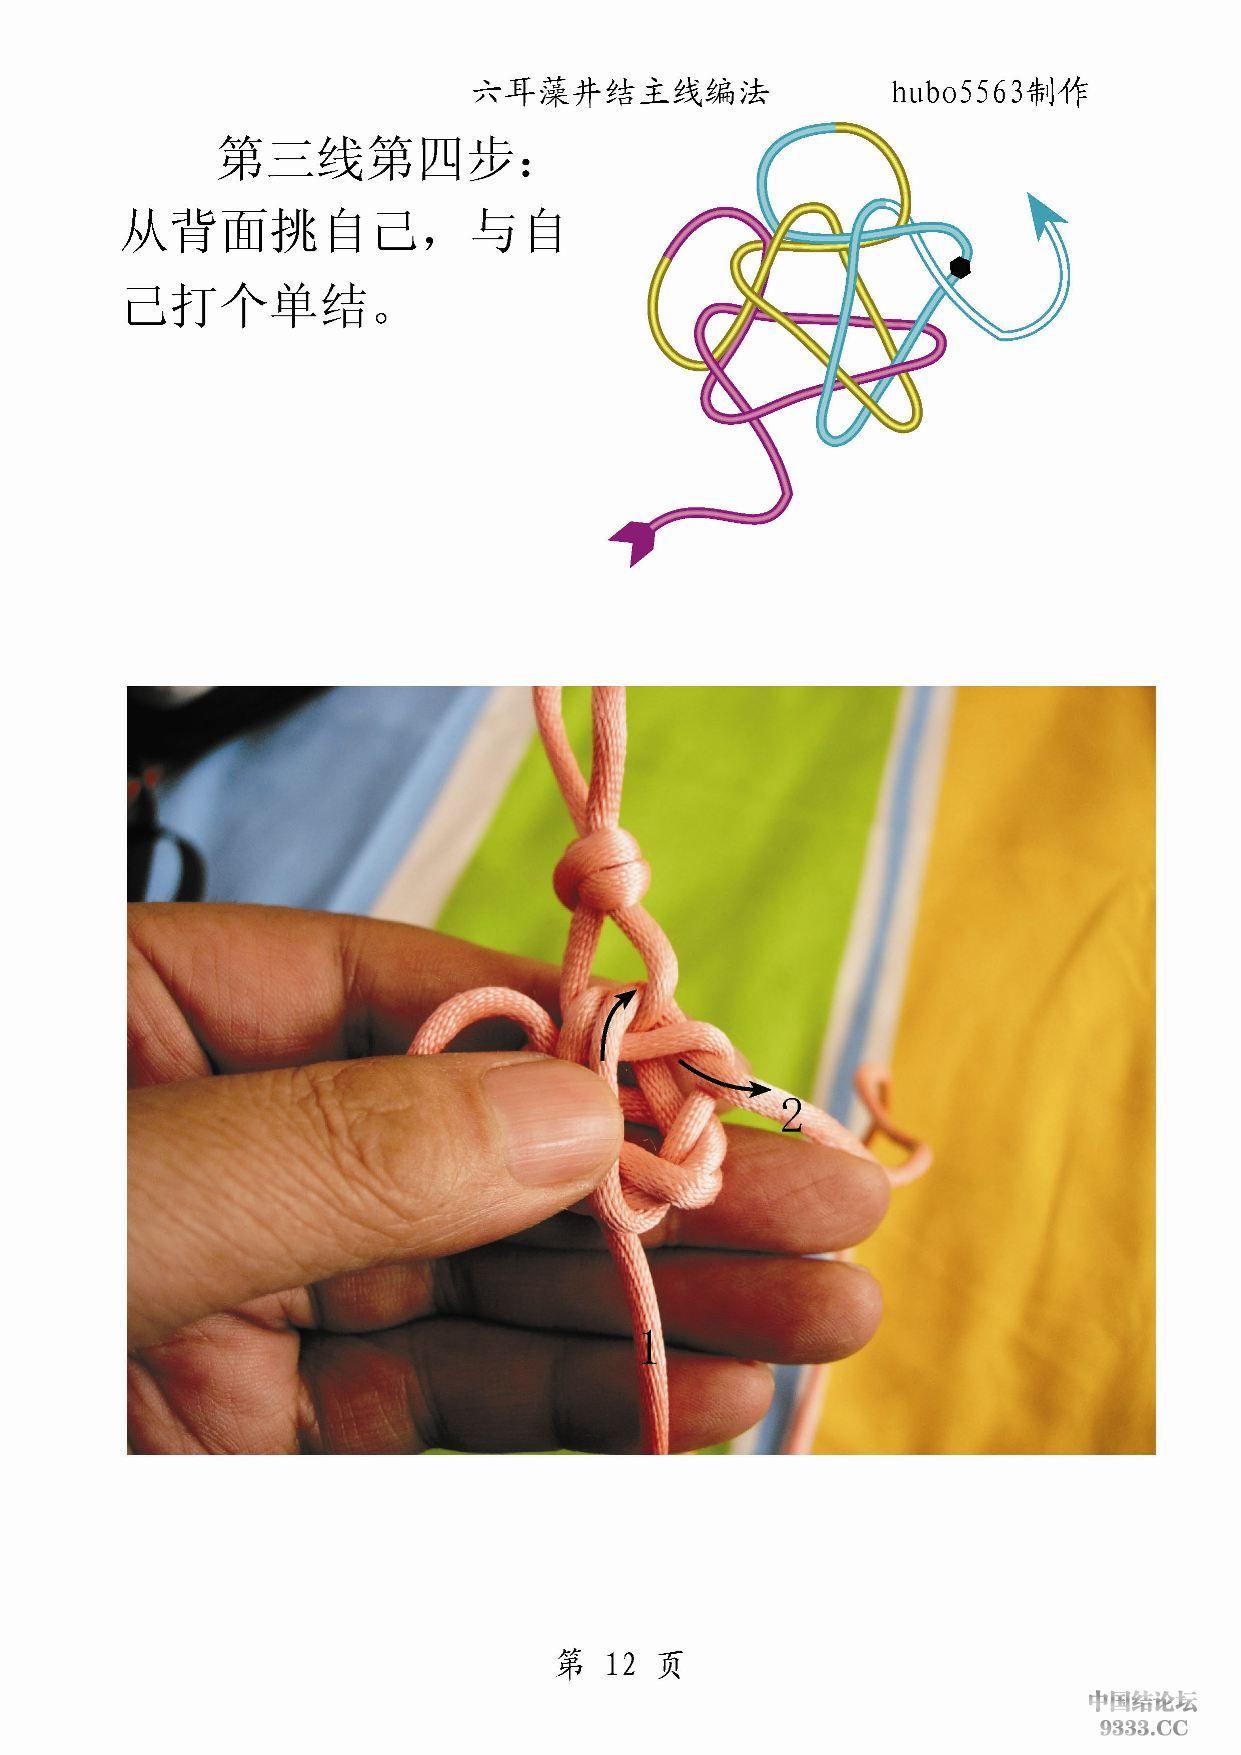 中国结论坛 原创新结---六耳藻井结主线编法徒手教程  基本结-新手入门必看 10021922147fc4fb22b45d35a6